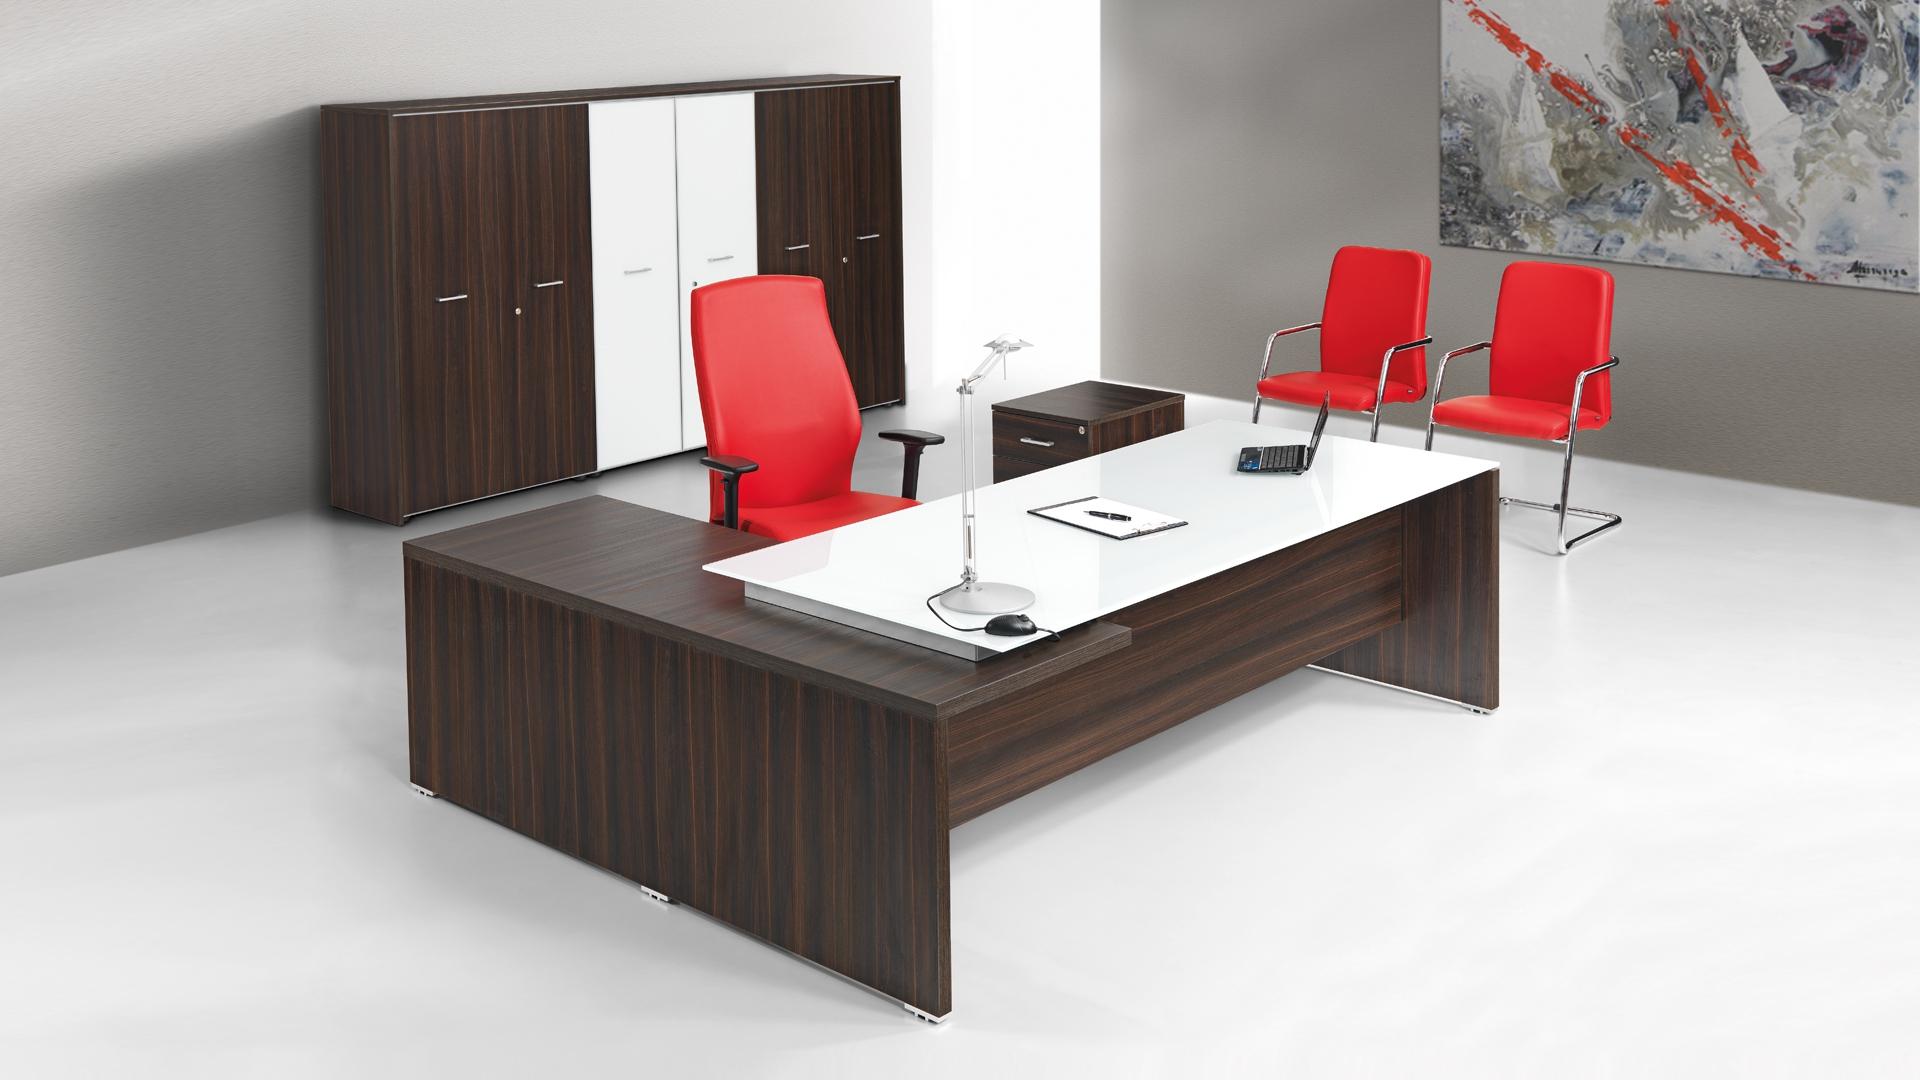 Mobili ed accessori per ufficio accademia polacca for Aziende mobili per ufficio